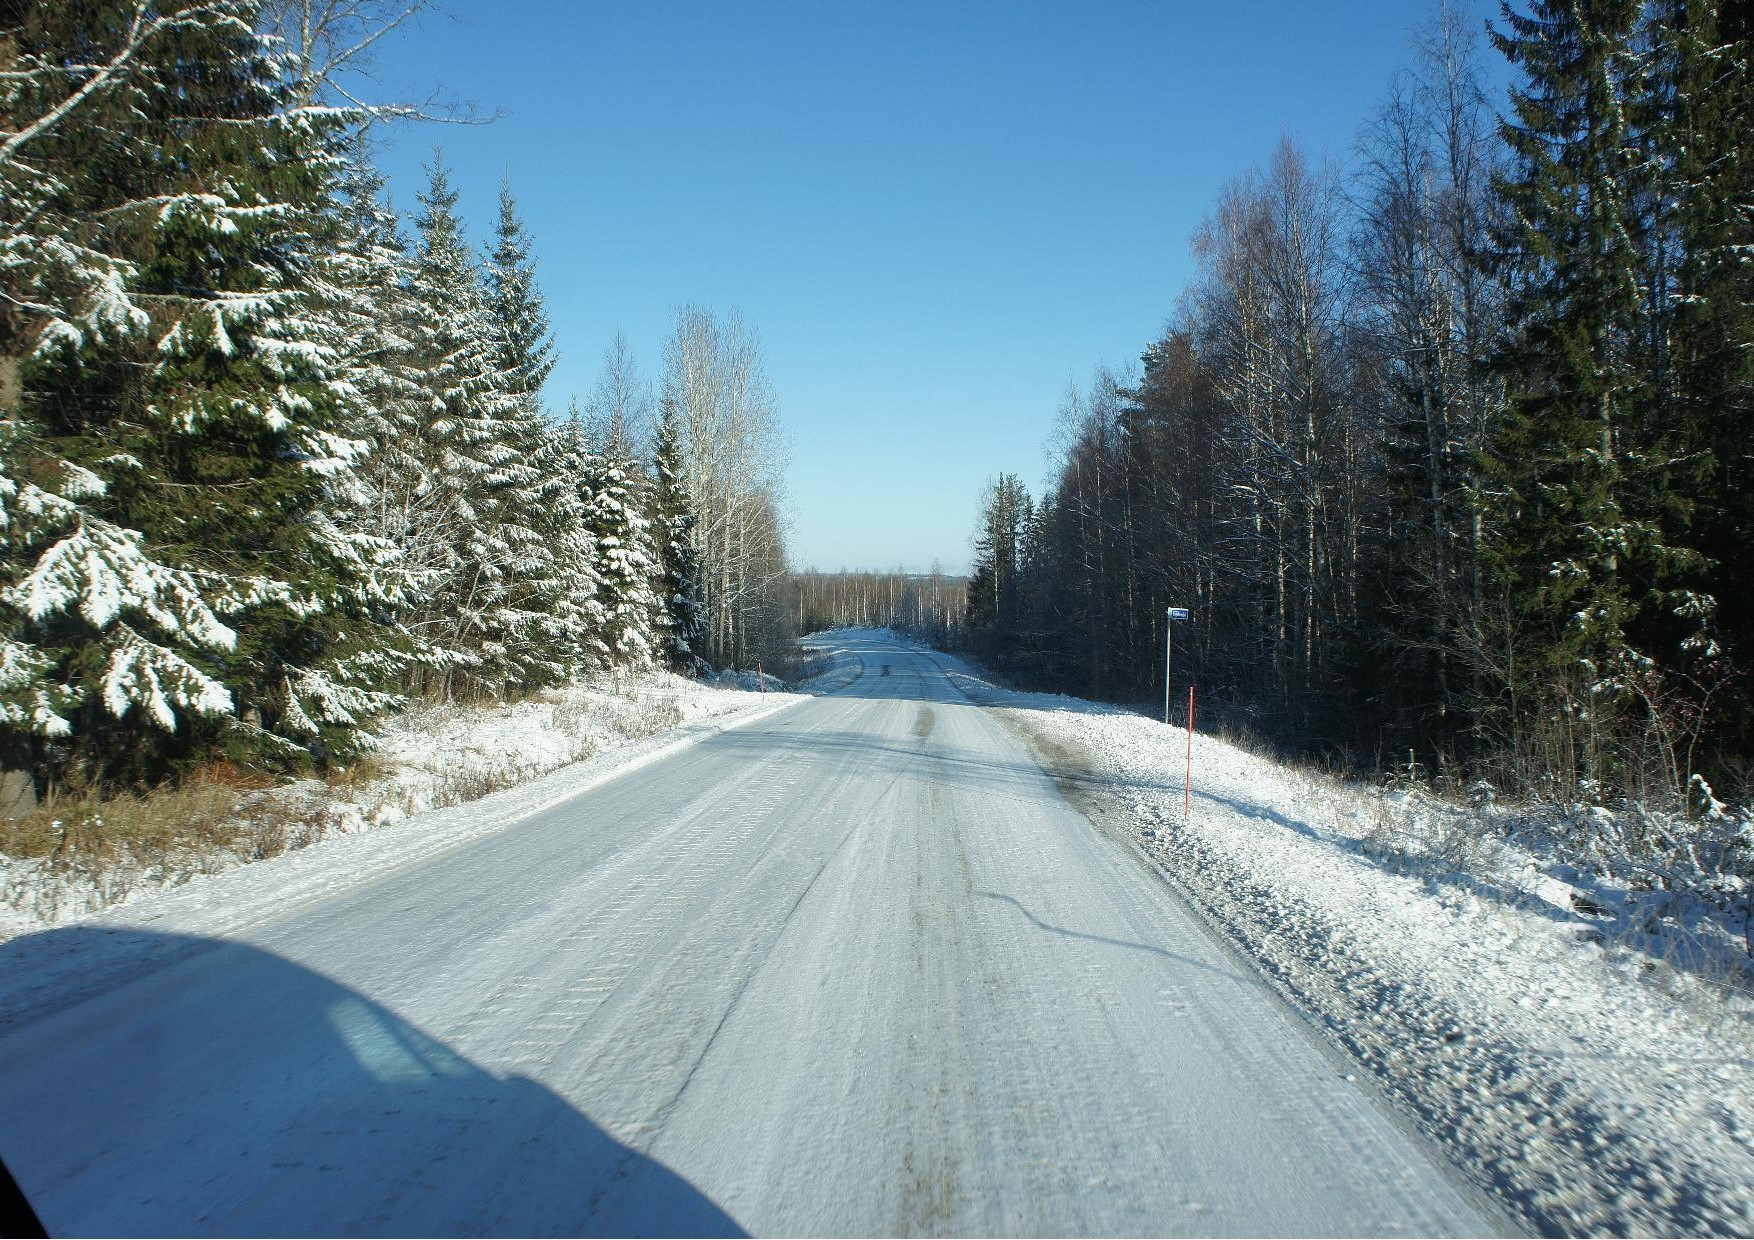 Rukajärven tie kulkee kauniissa maisemassa.